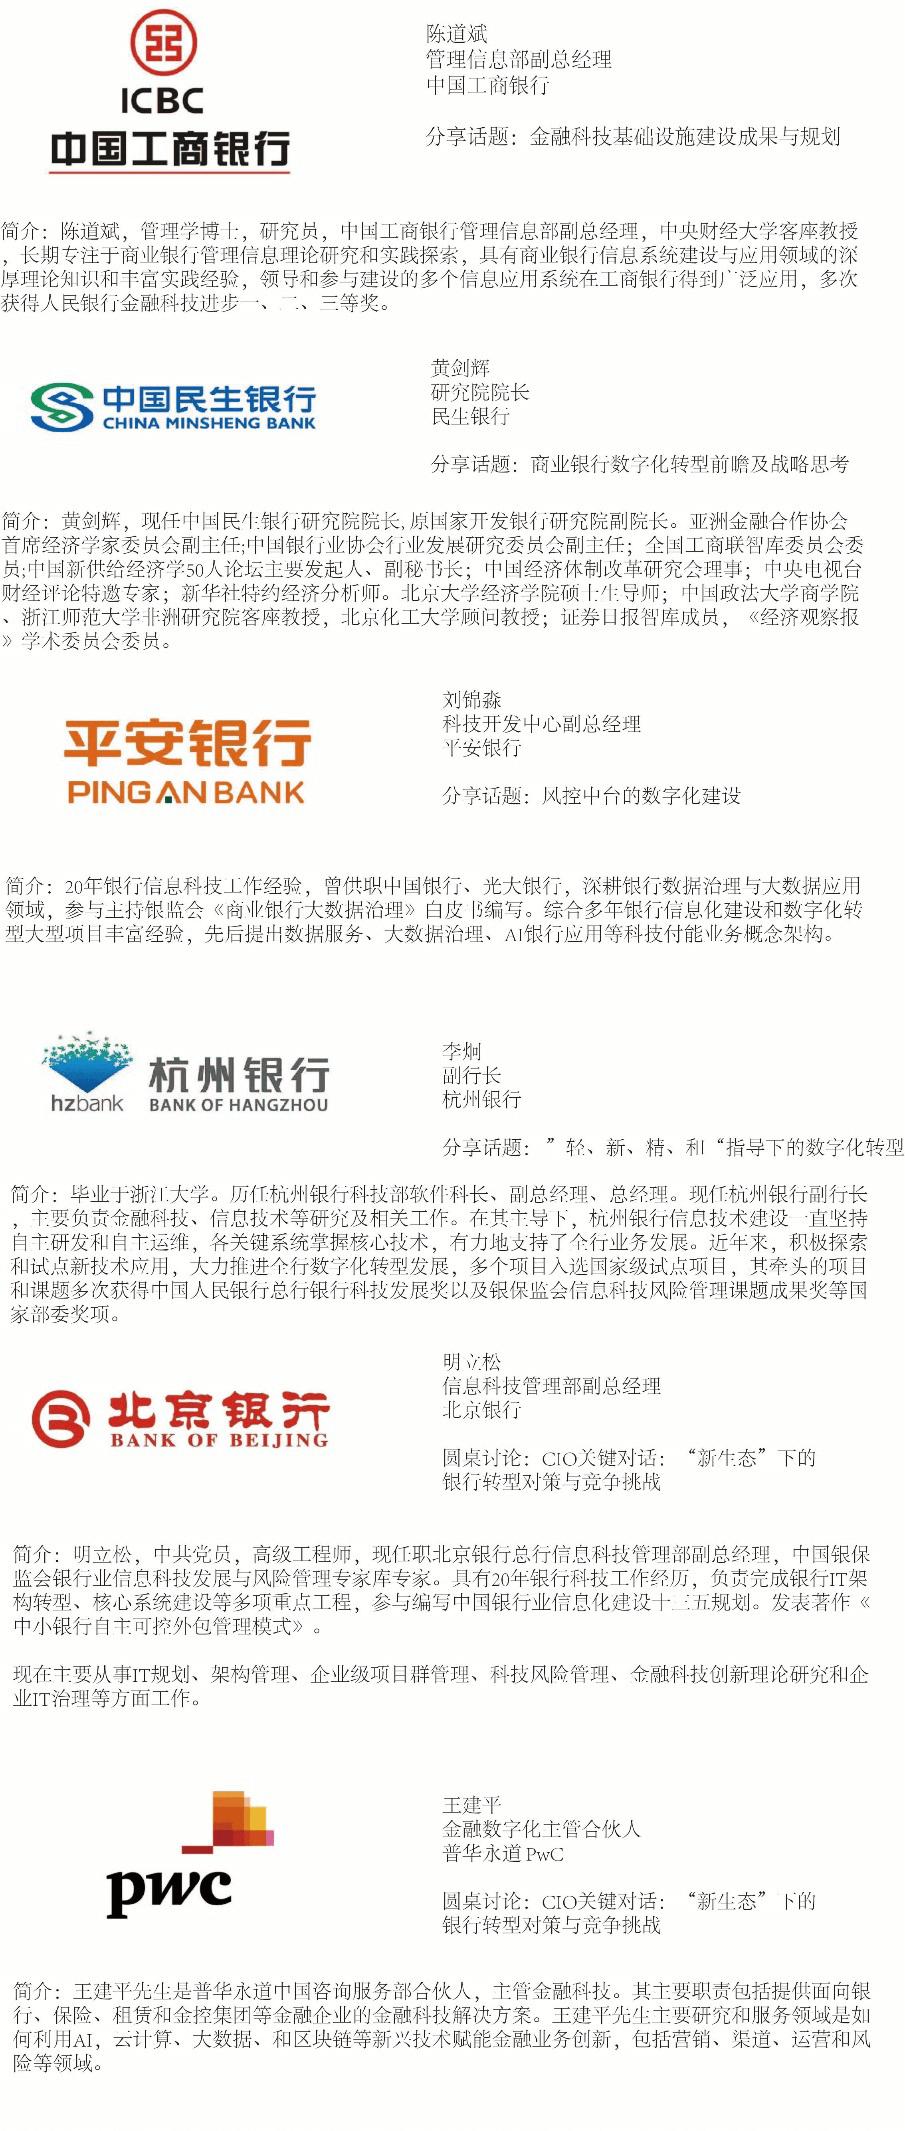 2021銀行數字化暨金融科技創新峰會